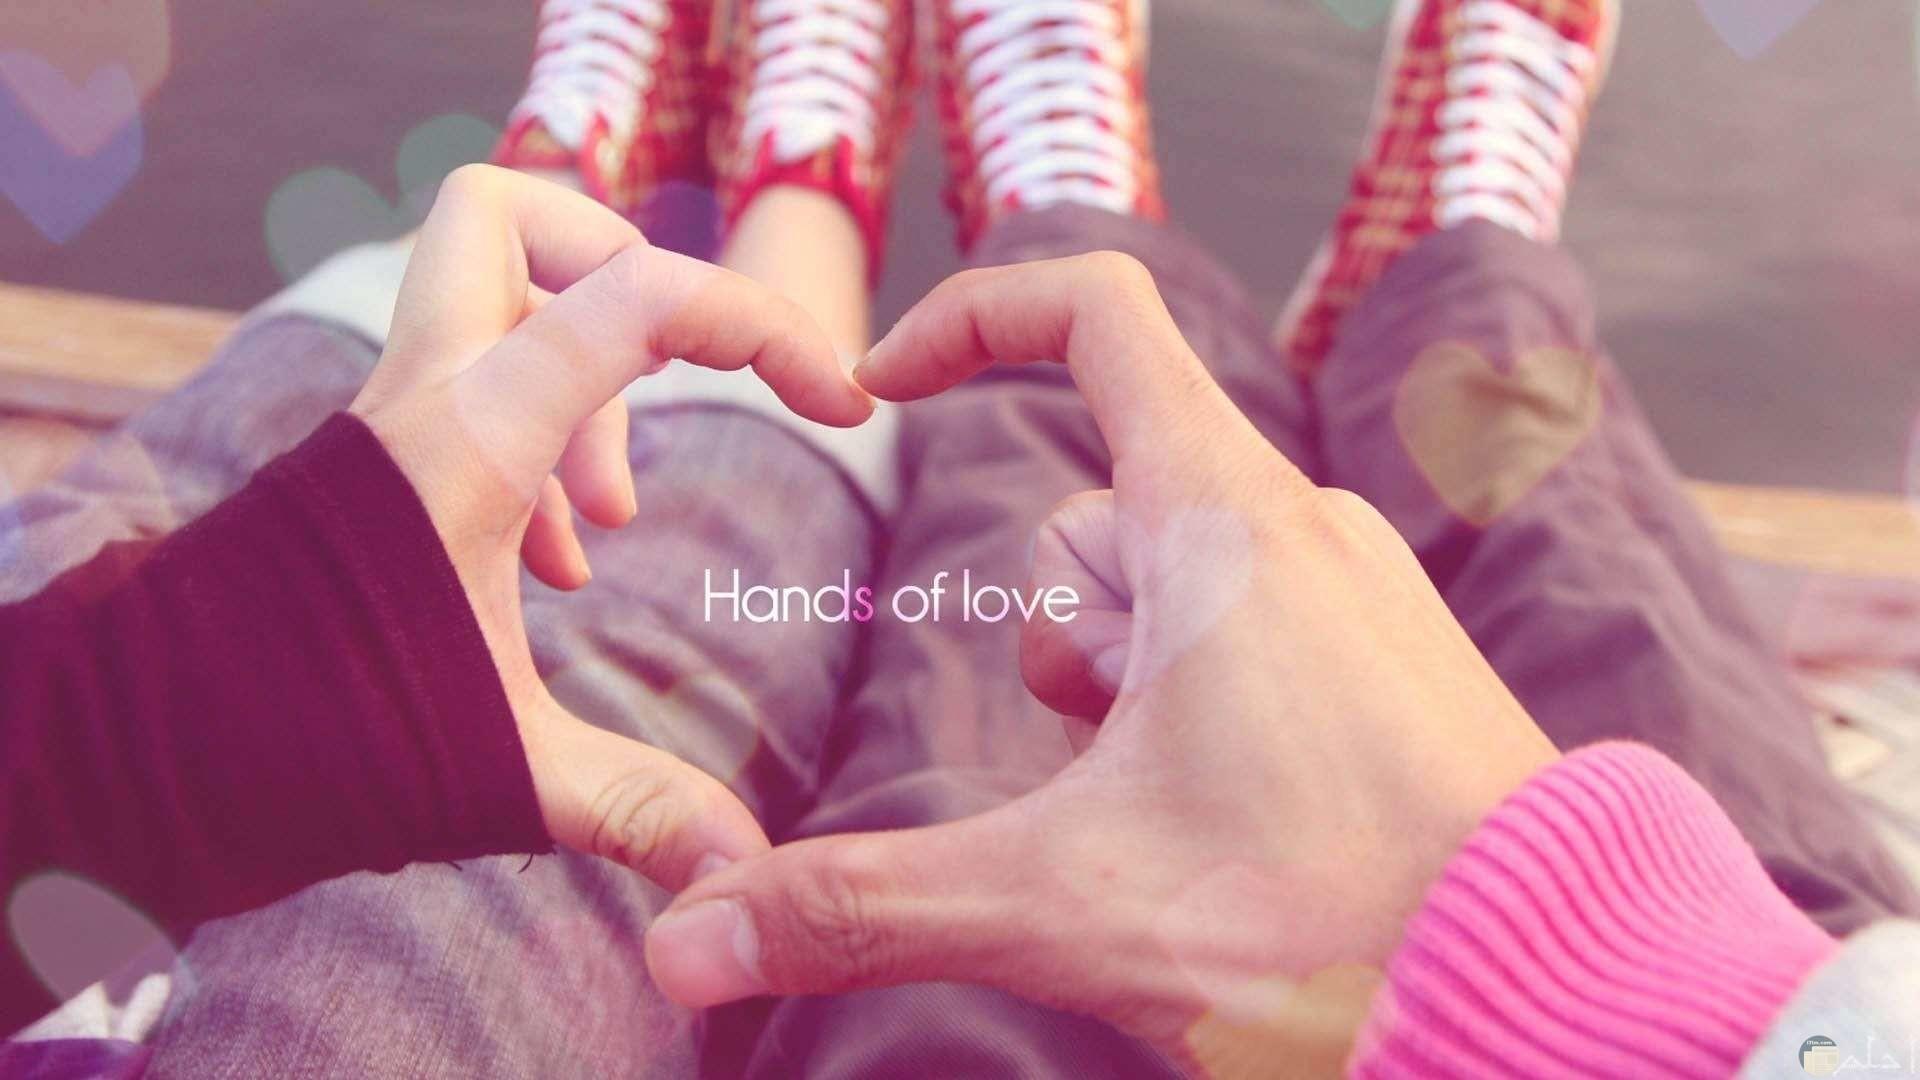 صورة قلب بيد عاشقان